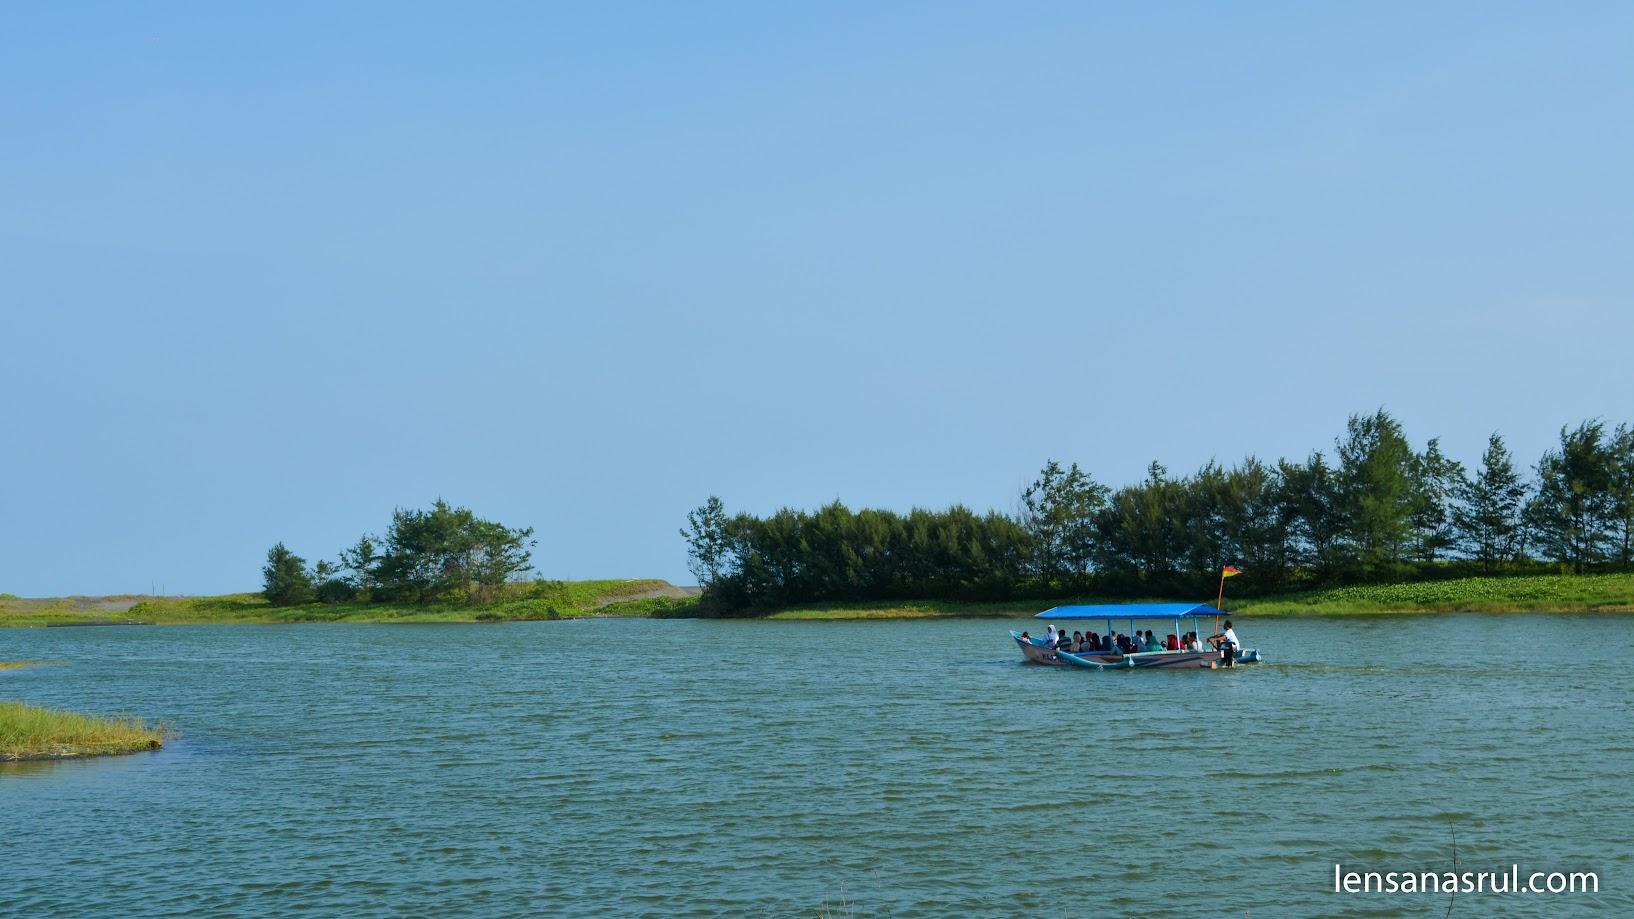 Menikmati Laguna pantai Glagah dengan Perahu layar